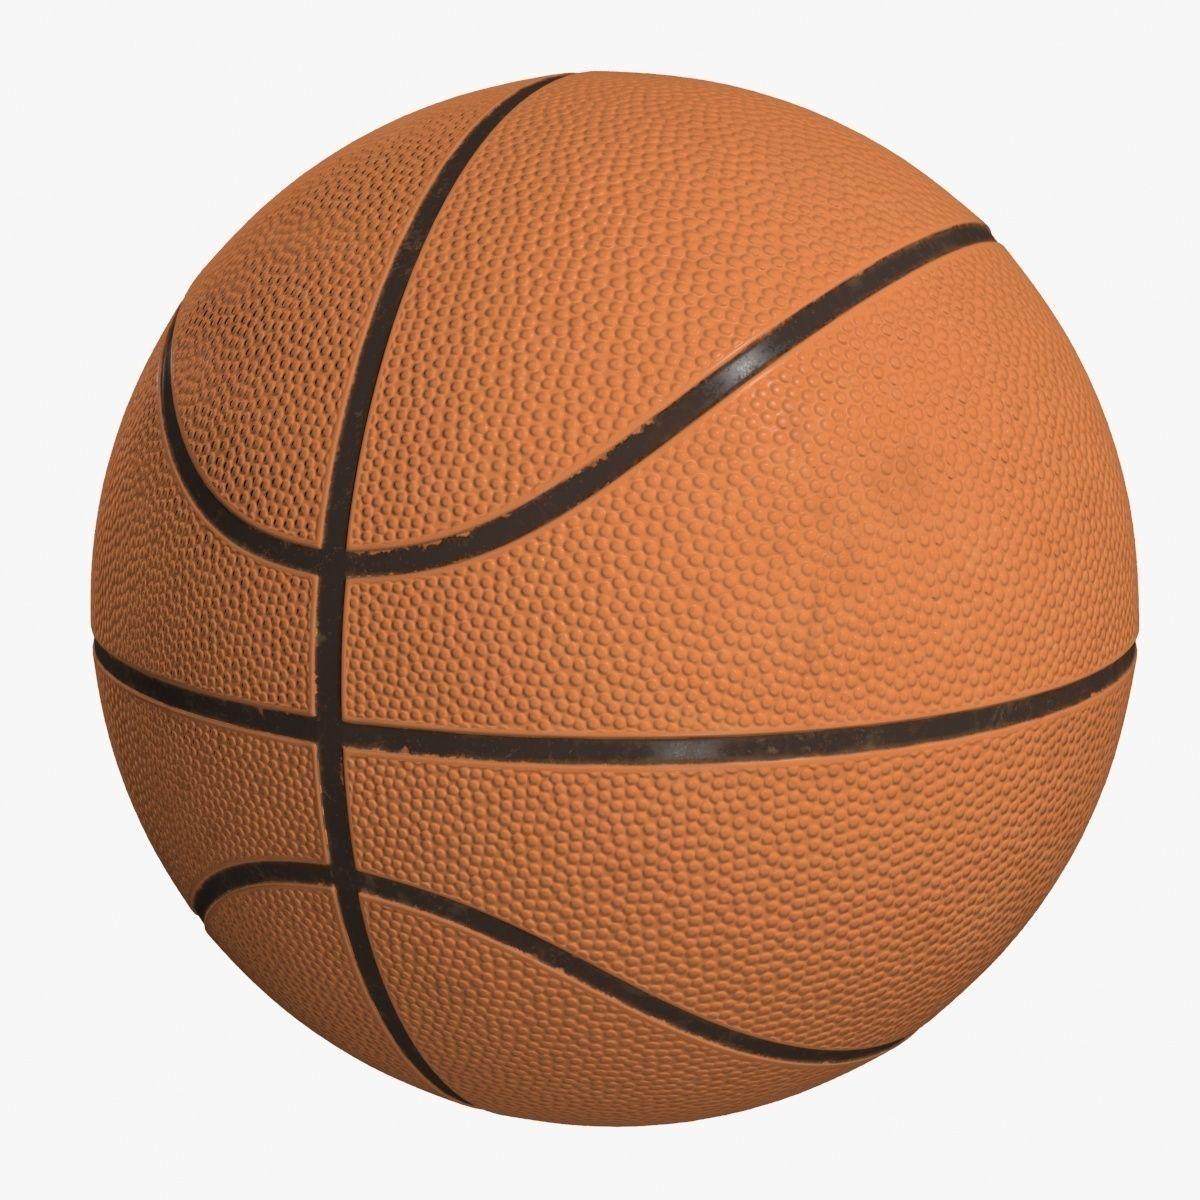 Basketball 3D Models | CGTrader